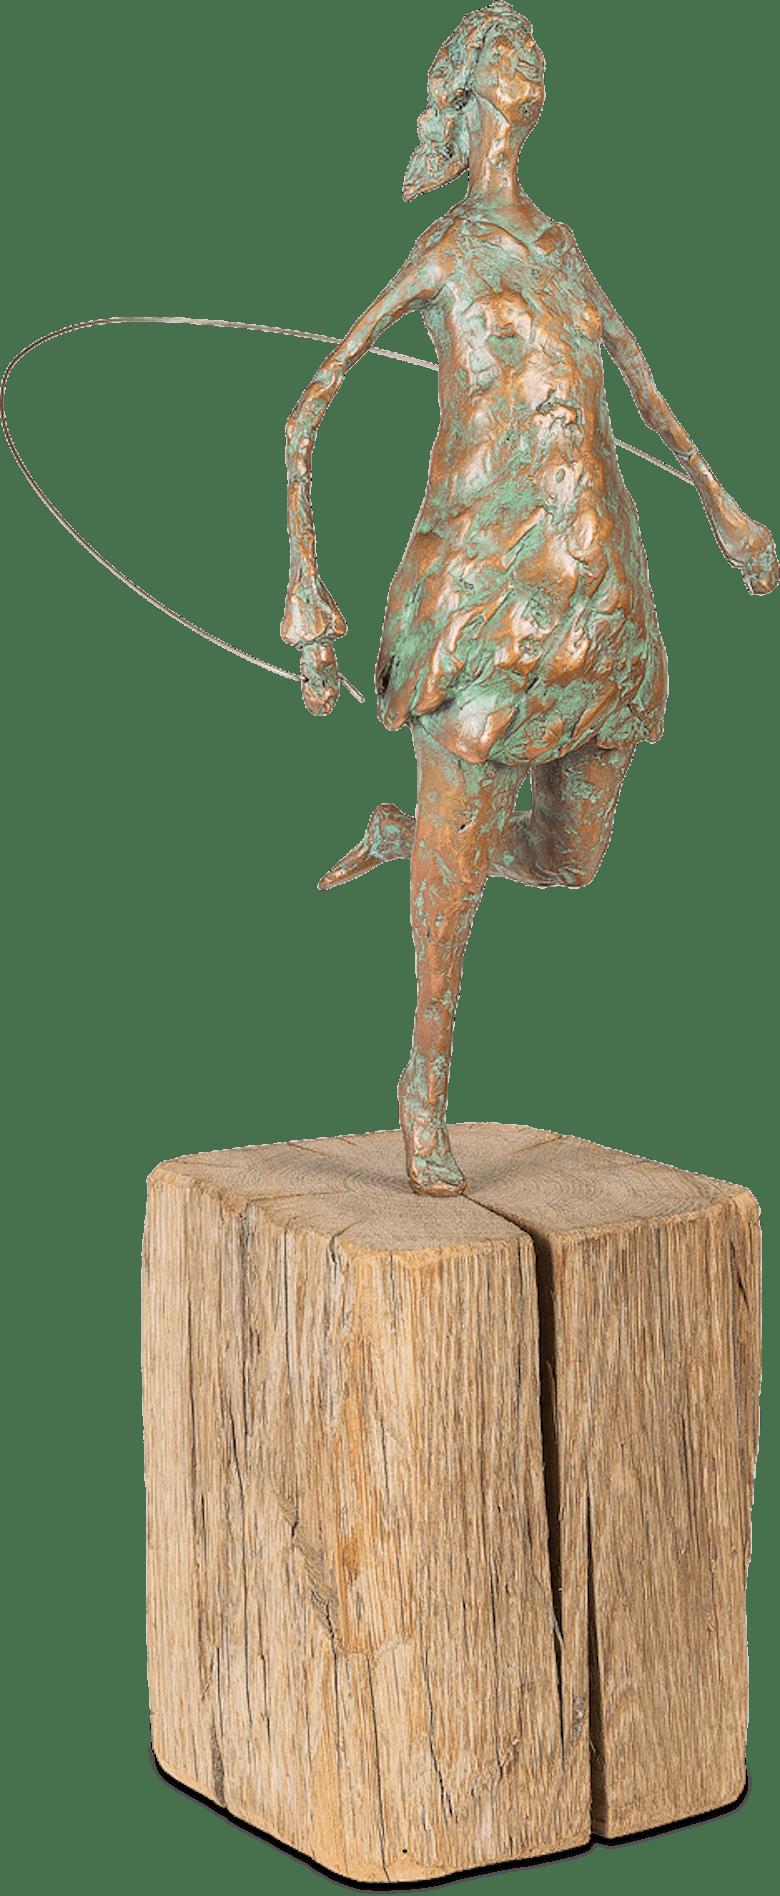 Bronzefigur Seilspringerin von Gudrun Rienhardt